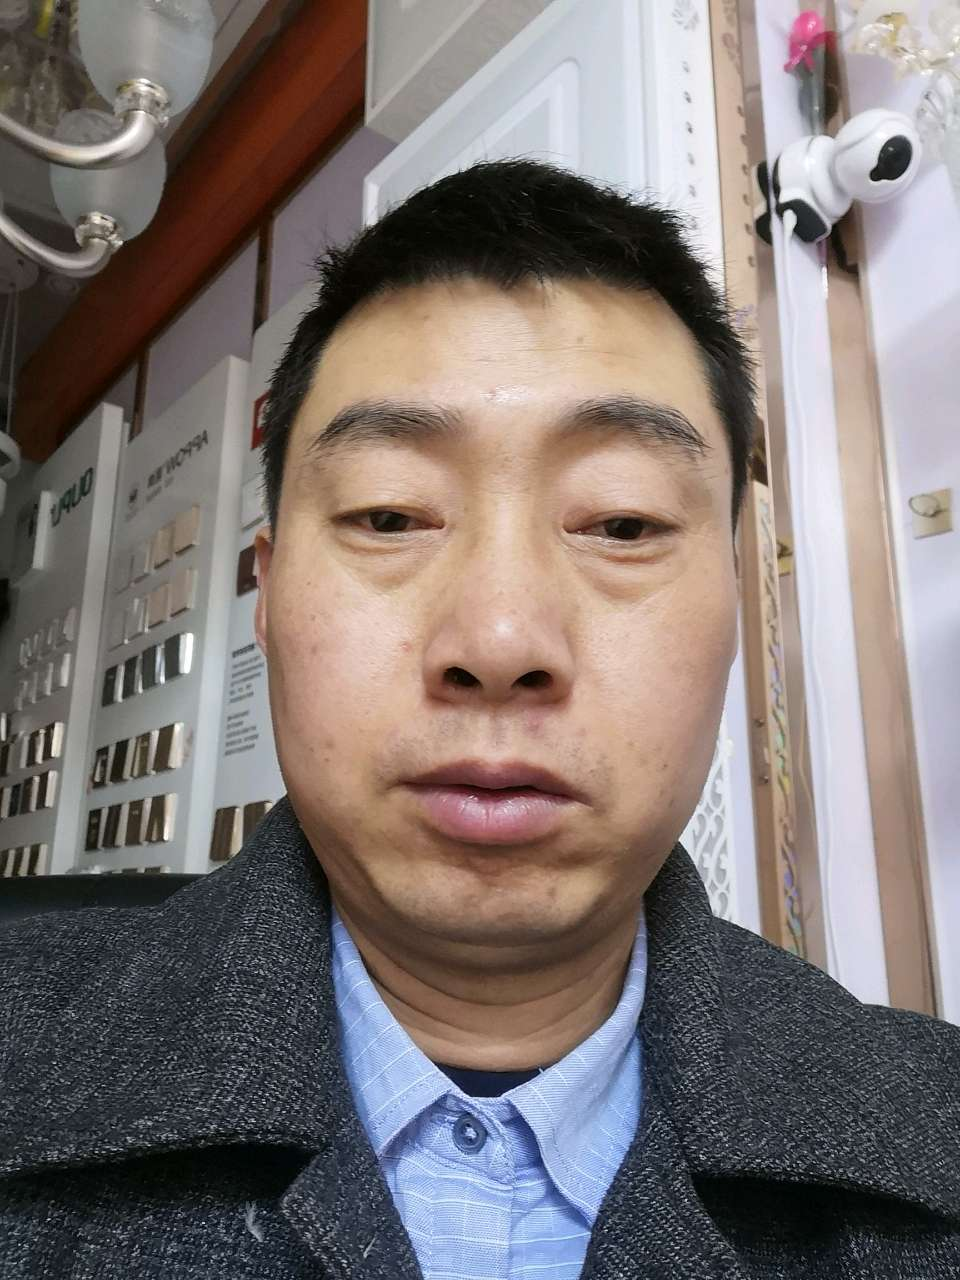 闻喜县,夏县,平陆县四季沐歌马桶安装张师傅